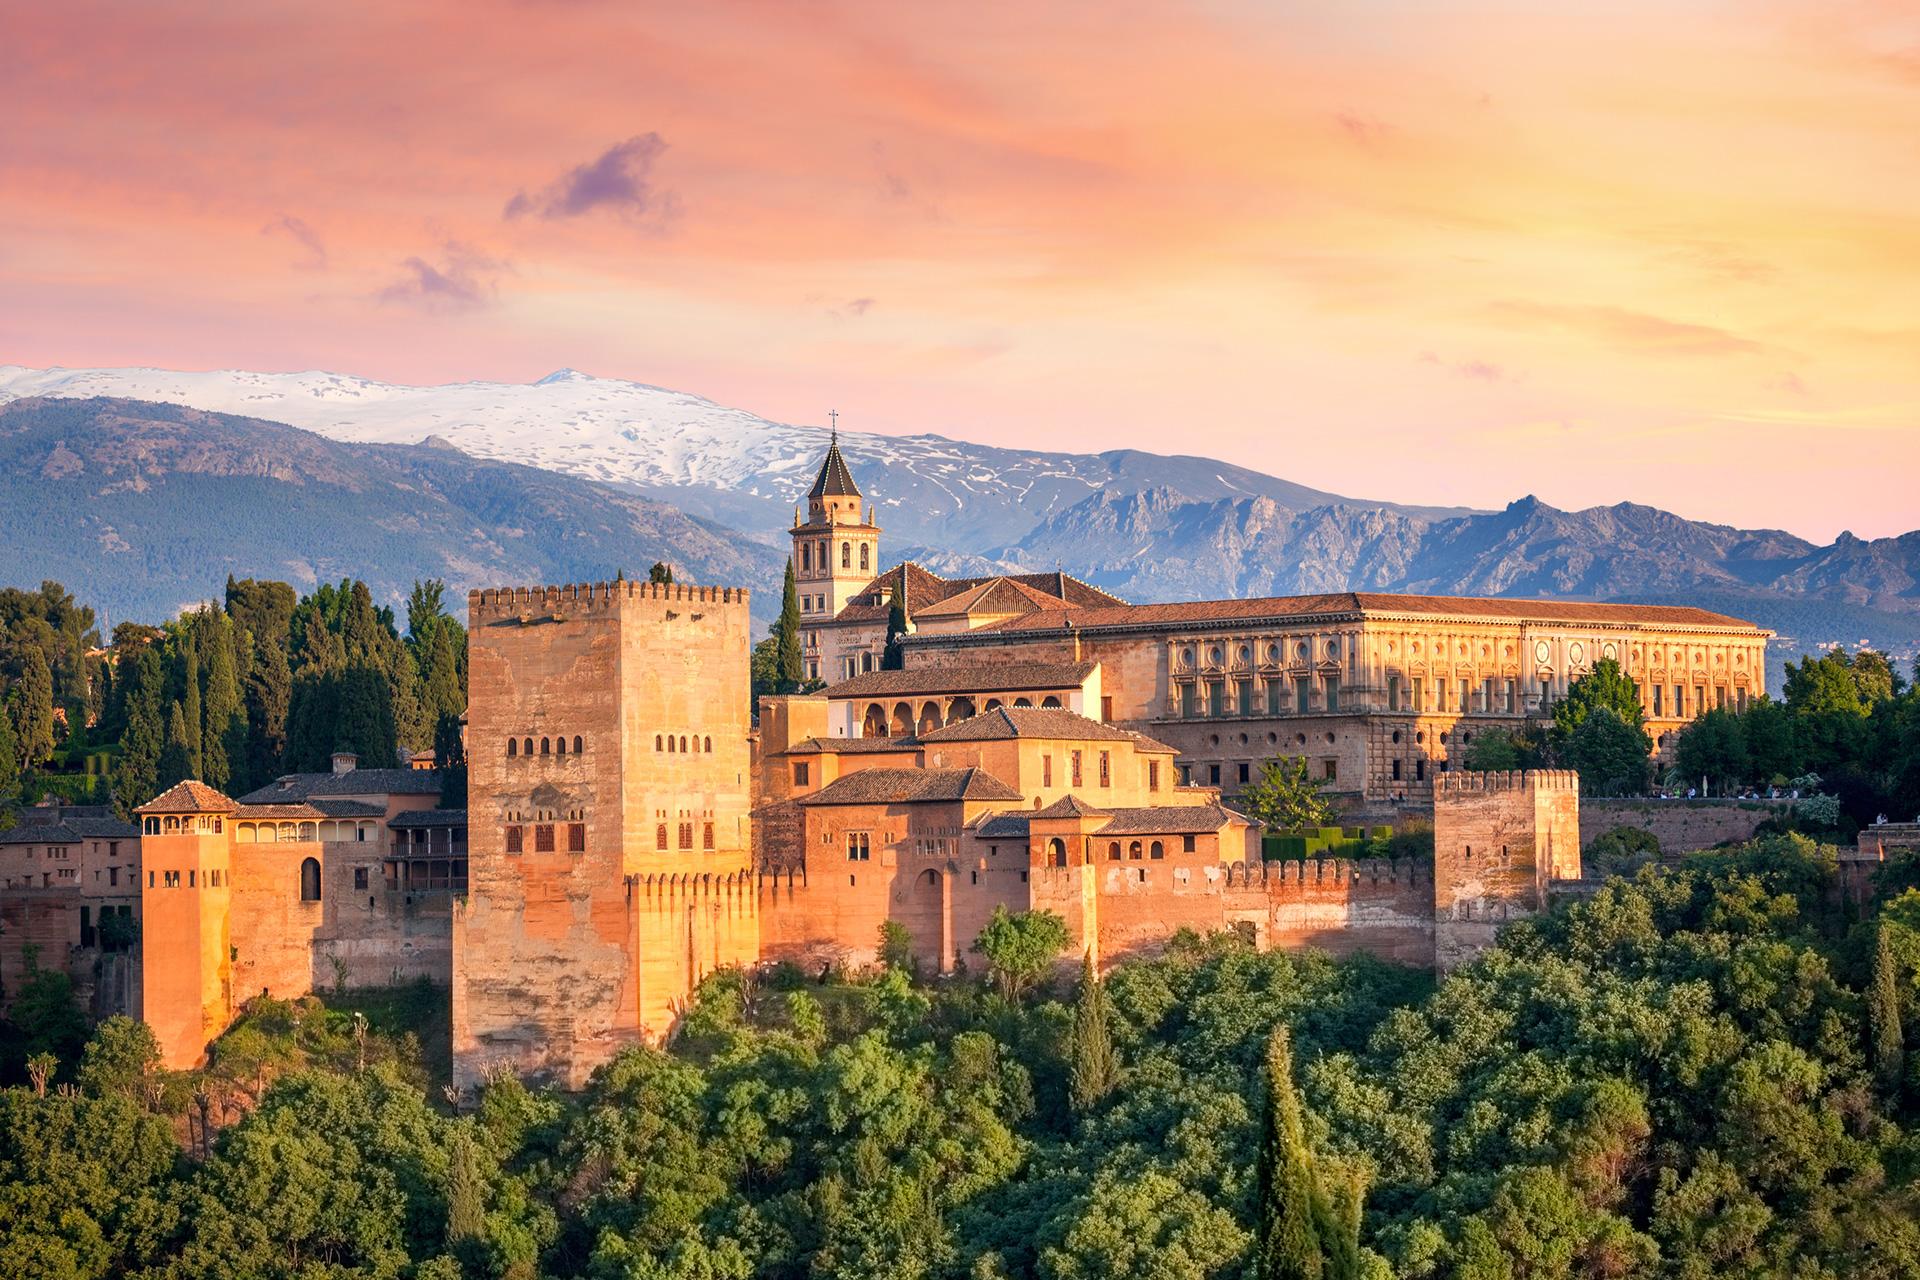 西班牙巴塞罗那出发——安道尔小王国一日游